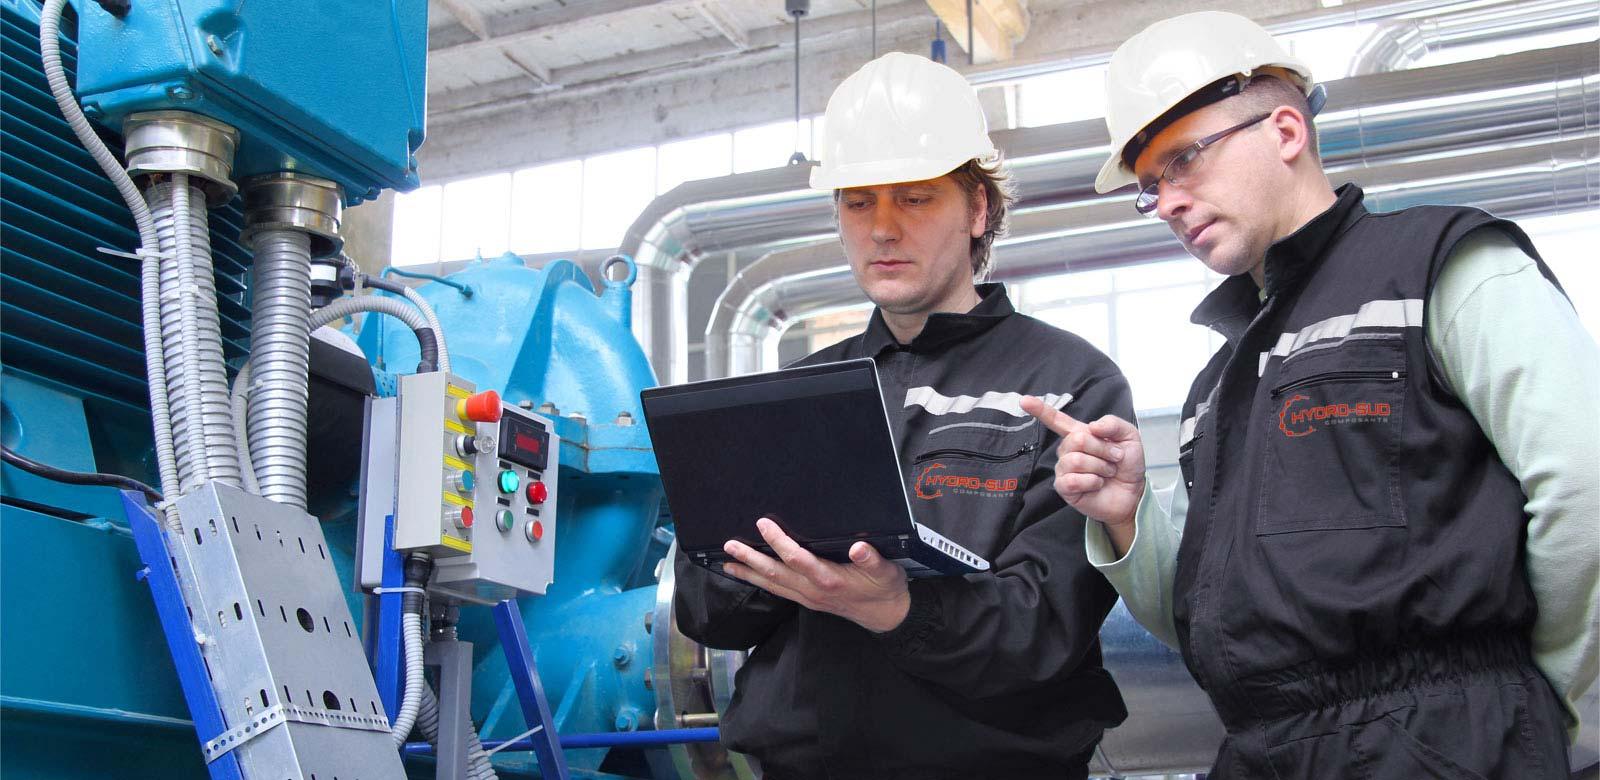 Réparation et maintenance hydraulique